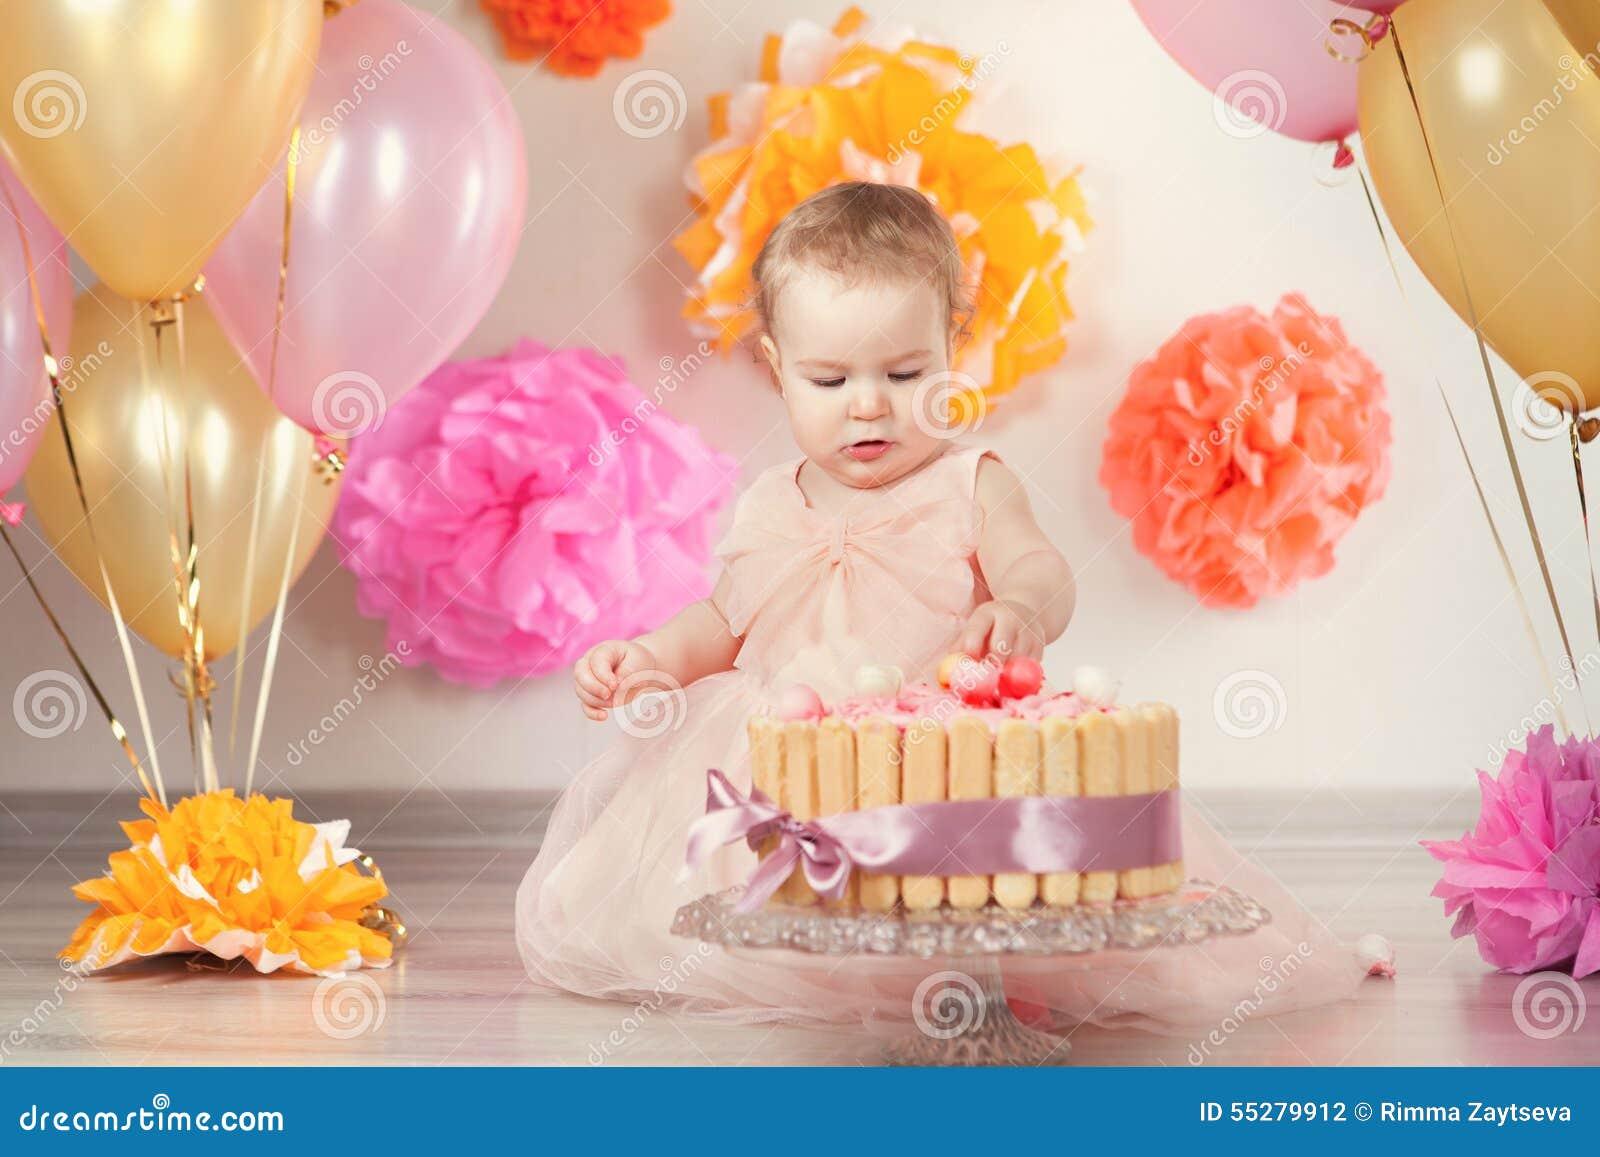 El Bebe Lindo Celebra Cumpleanos Un Ano Foto De Archivo Imagen De